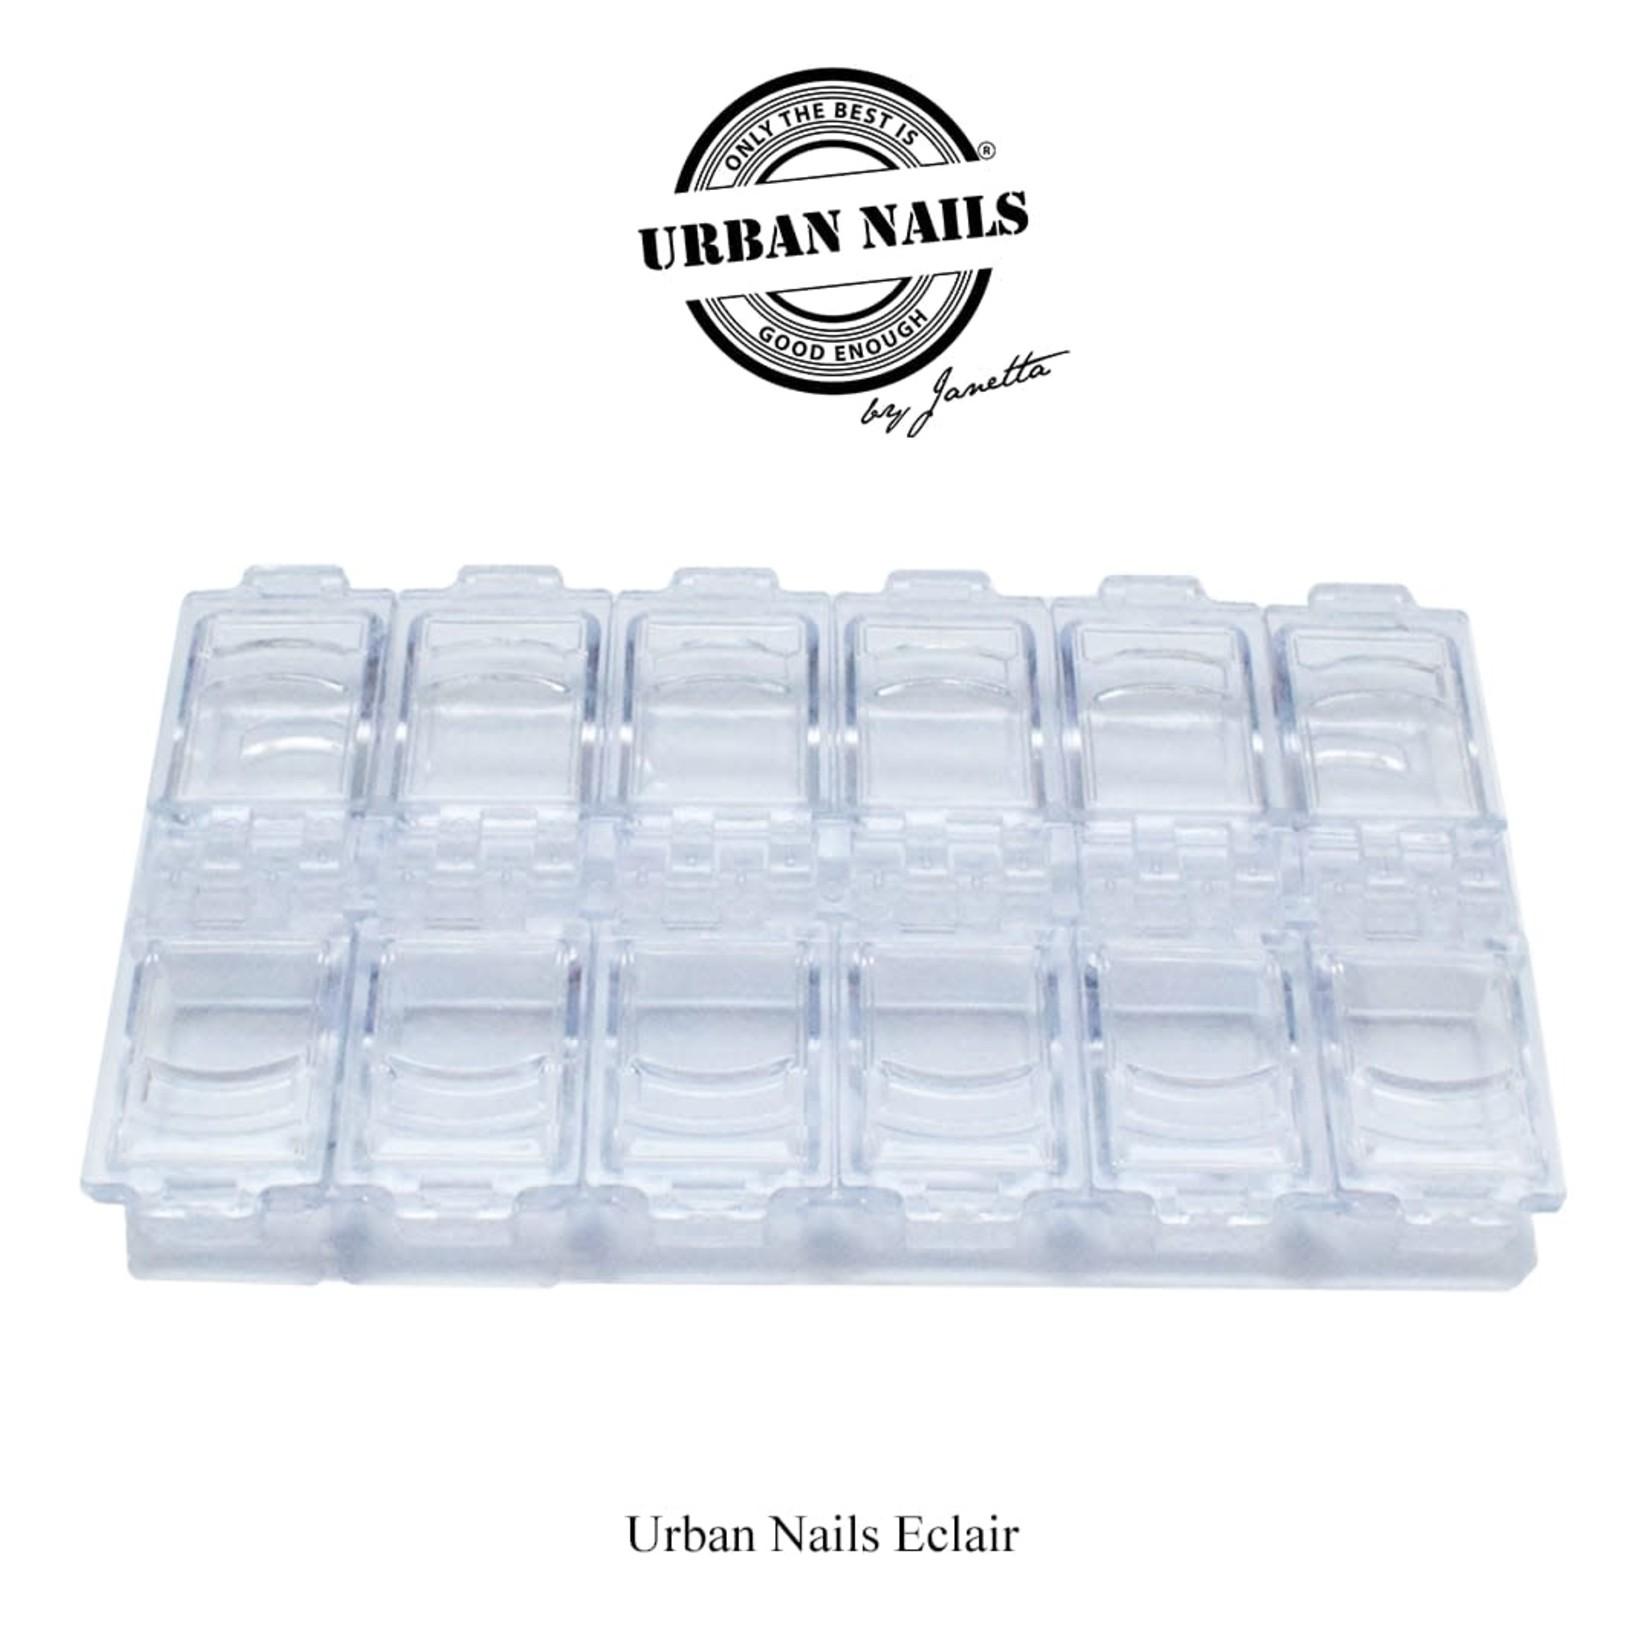 Urban Nails Eclair doos